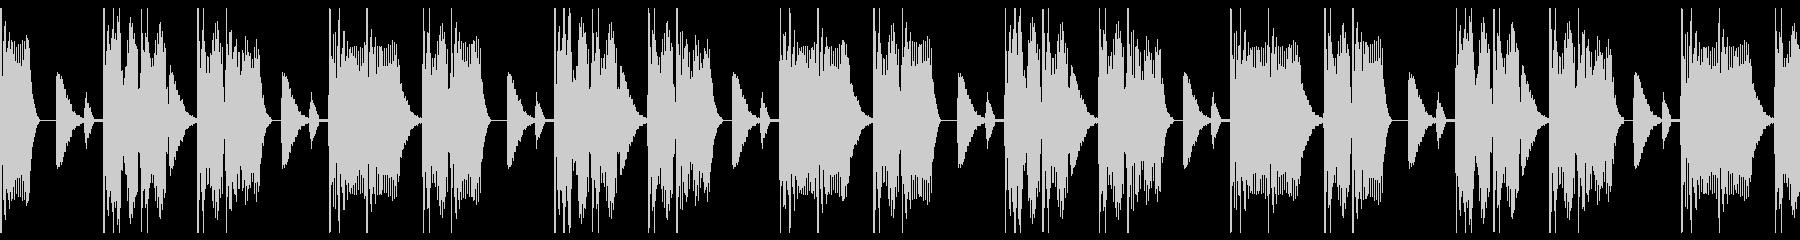 エネルギッシュなエレキベースビートBGMの未再生の波形